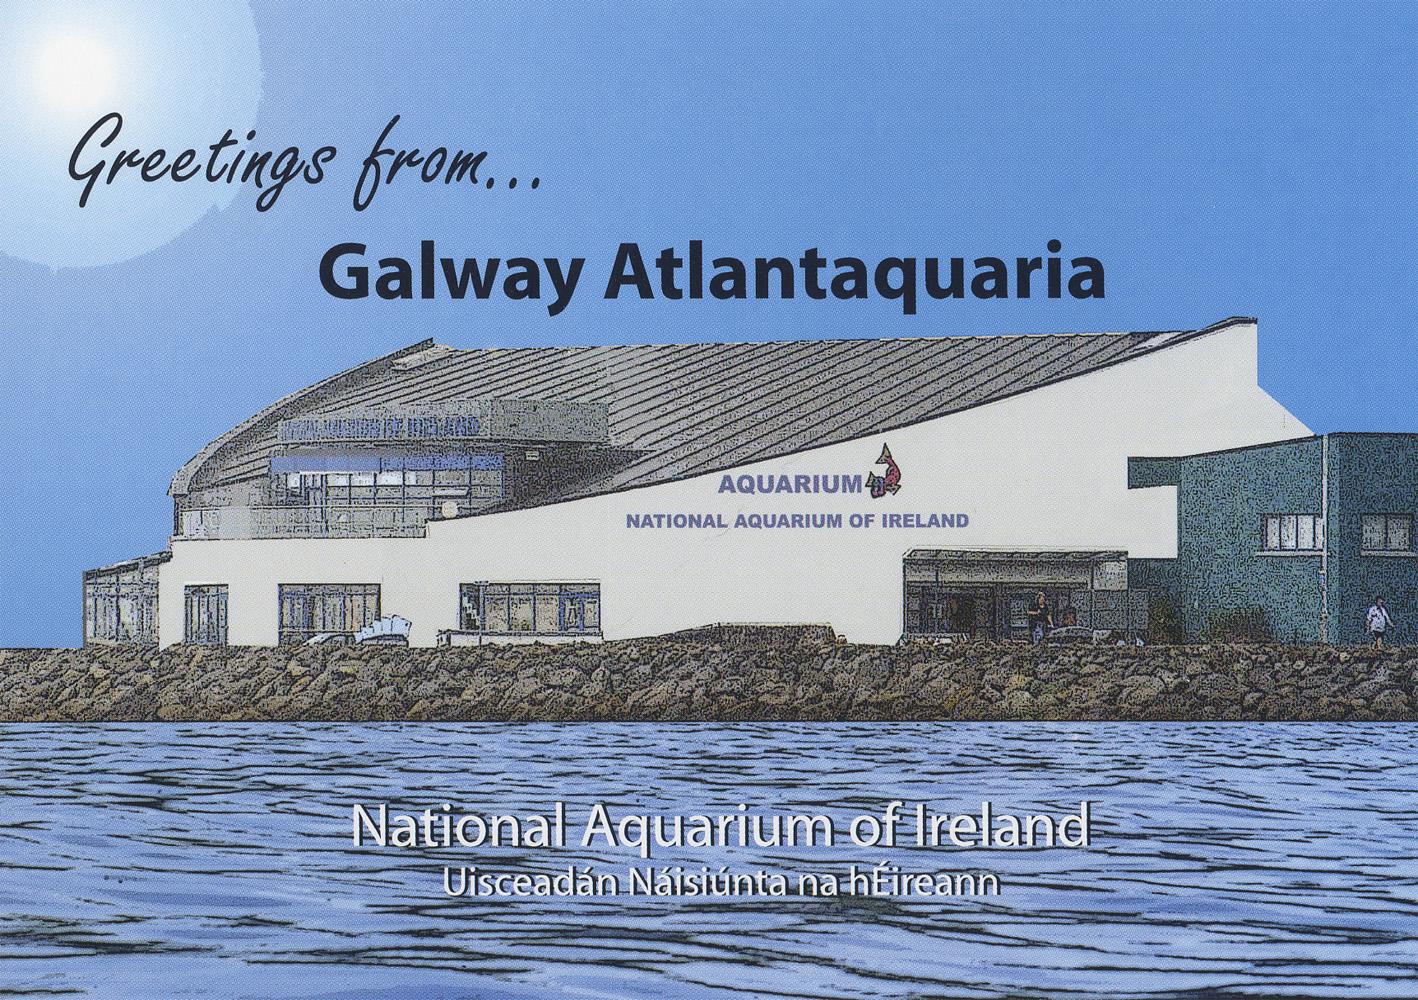 Les Zoos dans le Monde - Galway Atlantaquaria